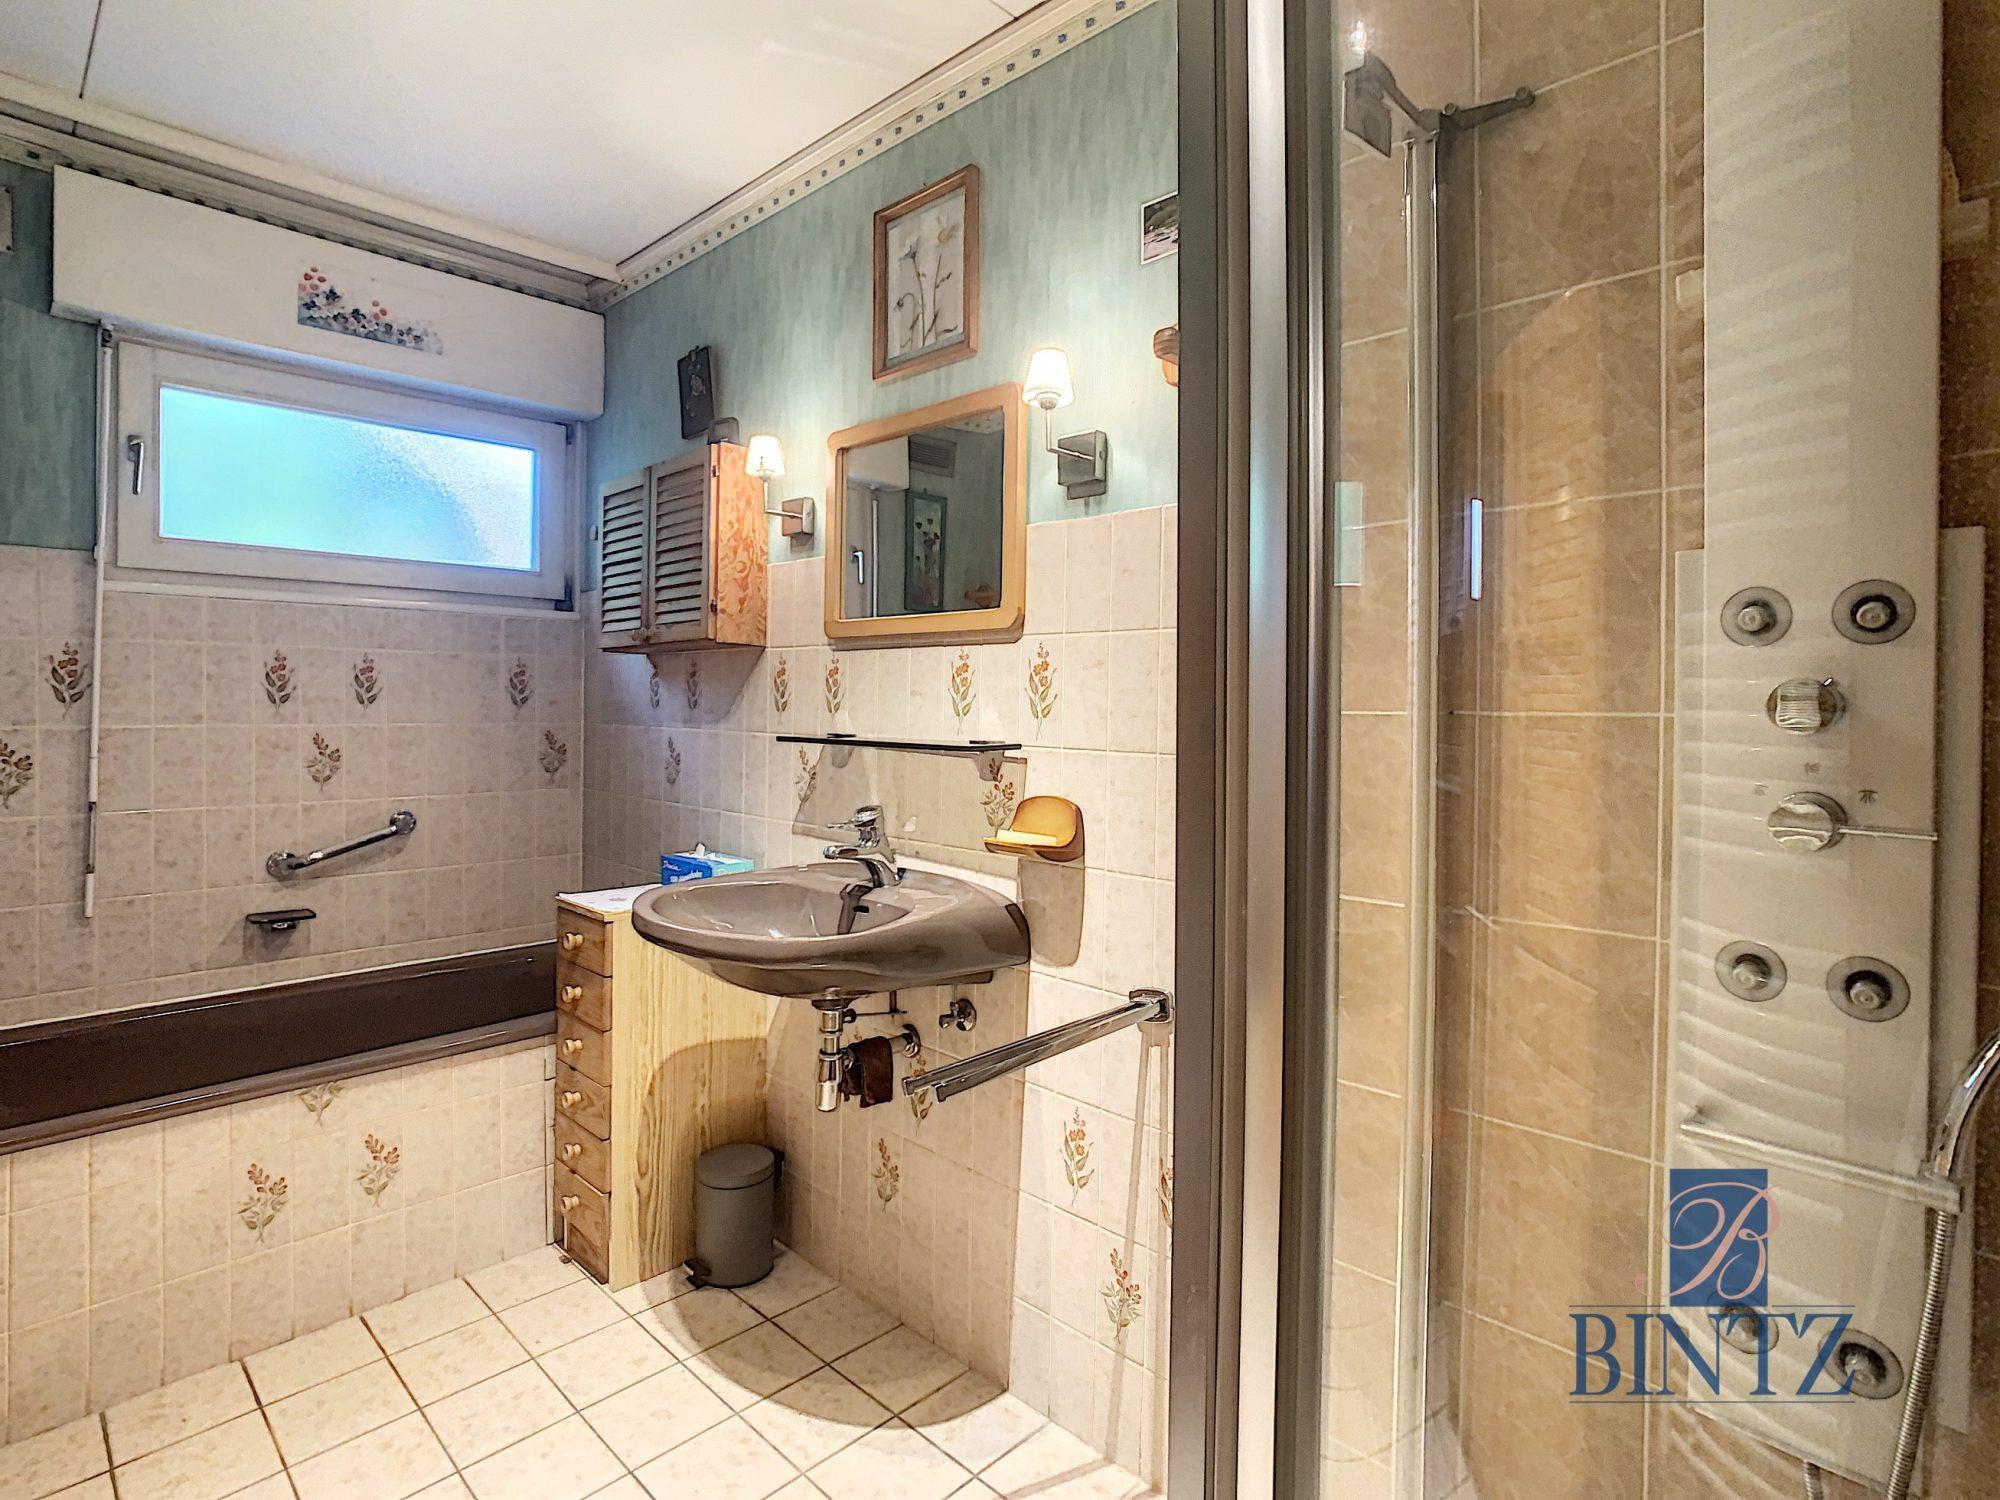 Maison 6 pièces de 157m2 à Strasbourg - Devenez propriétaire en toute confiance - Bintz Immobilier - 6